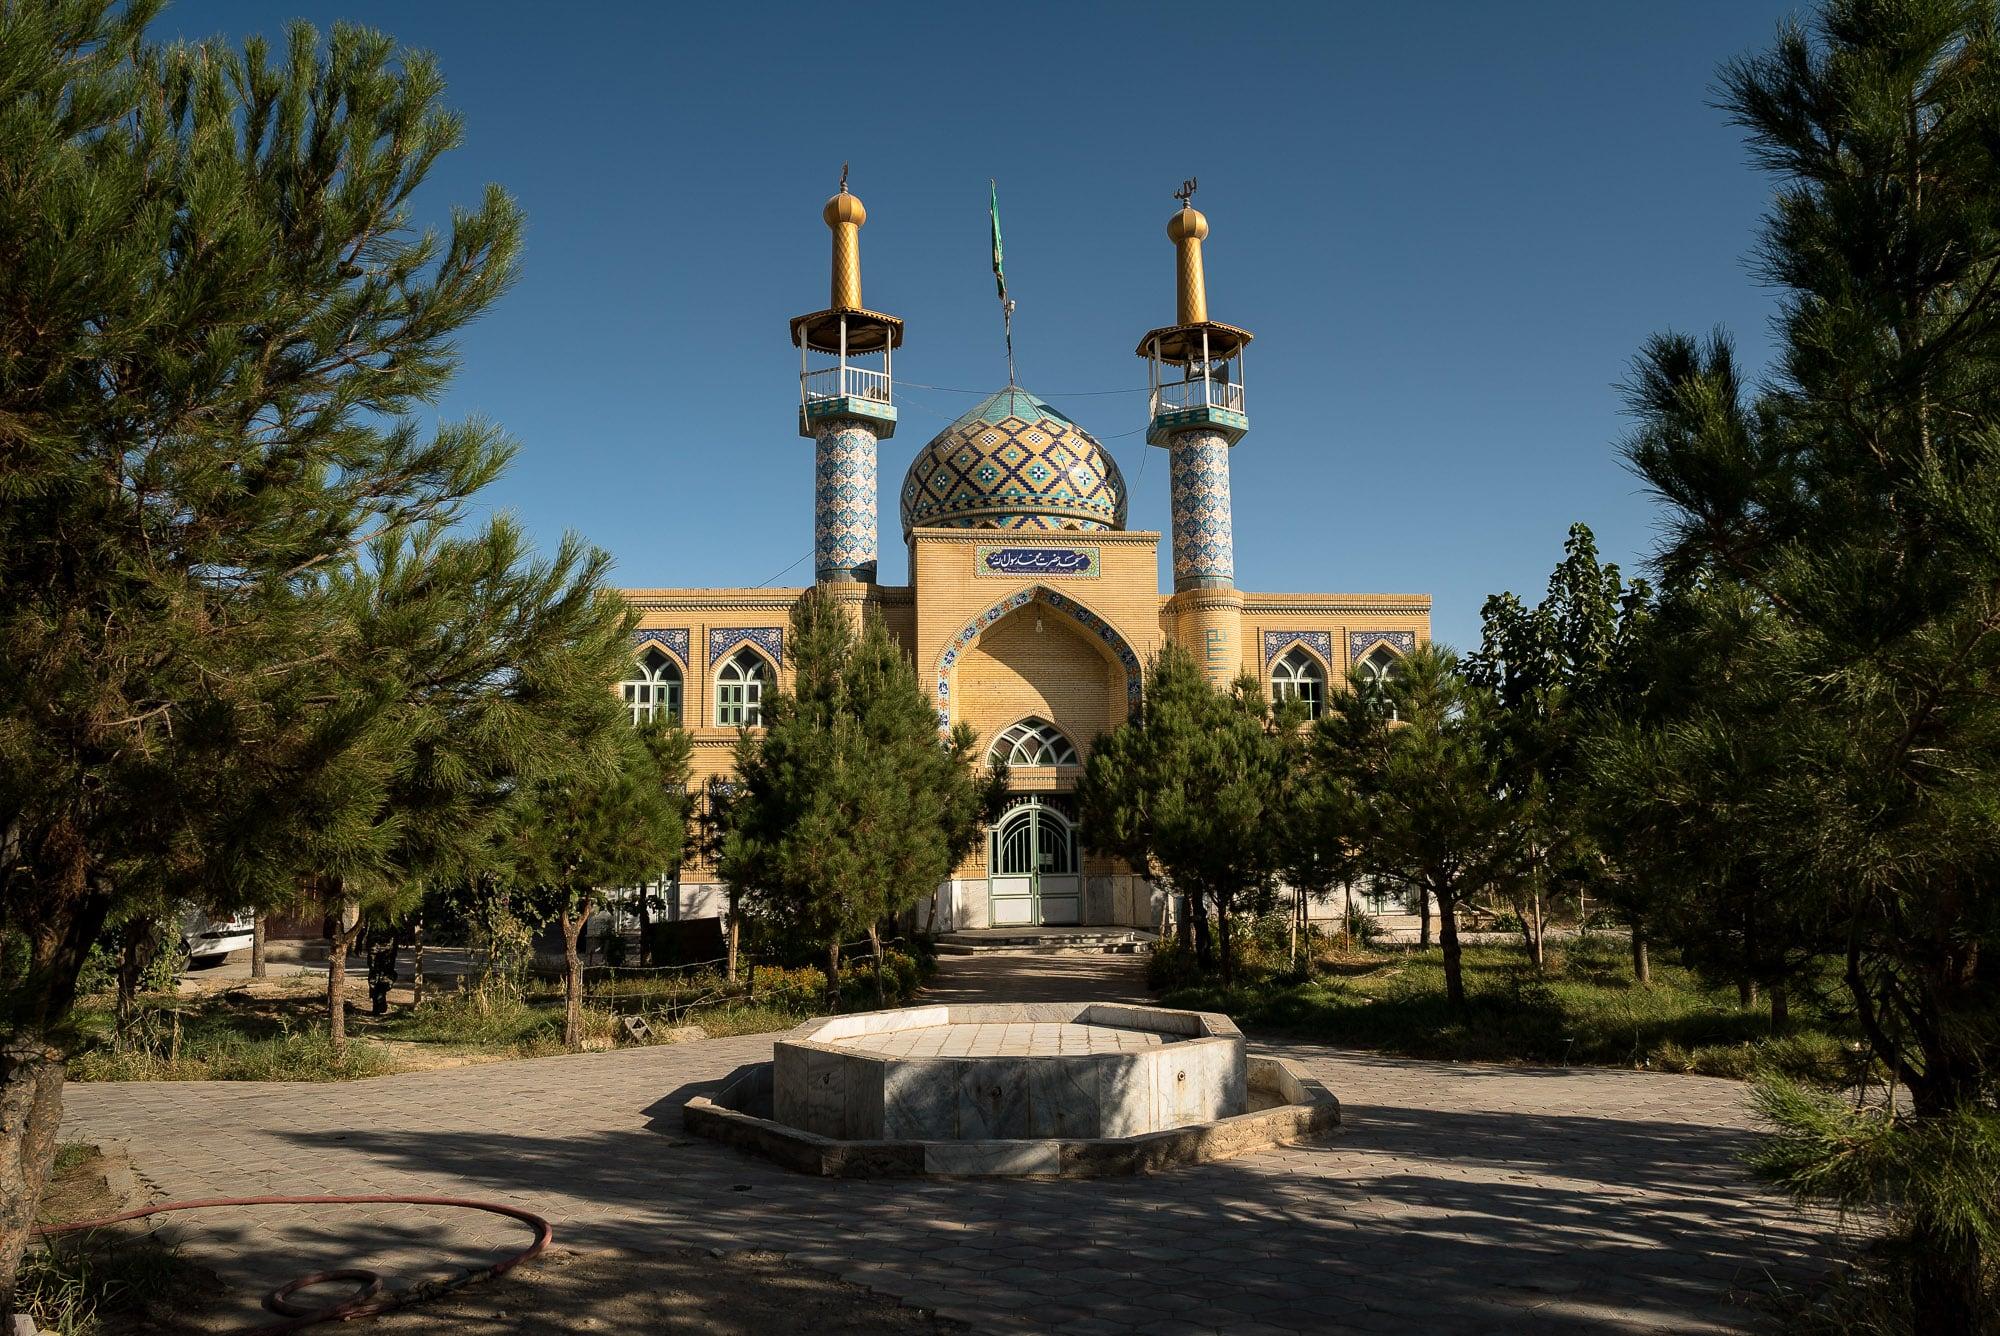 Gombazli mosque